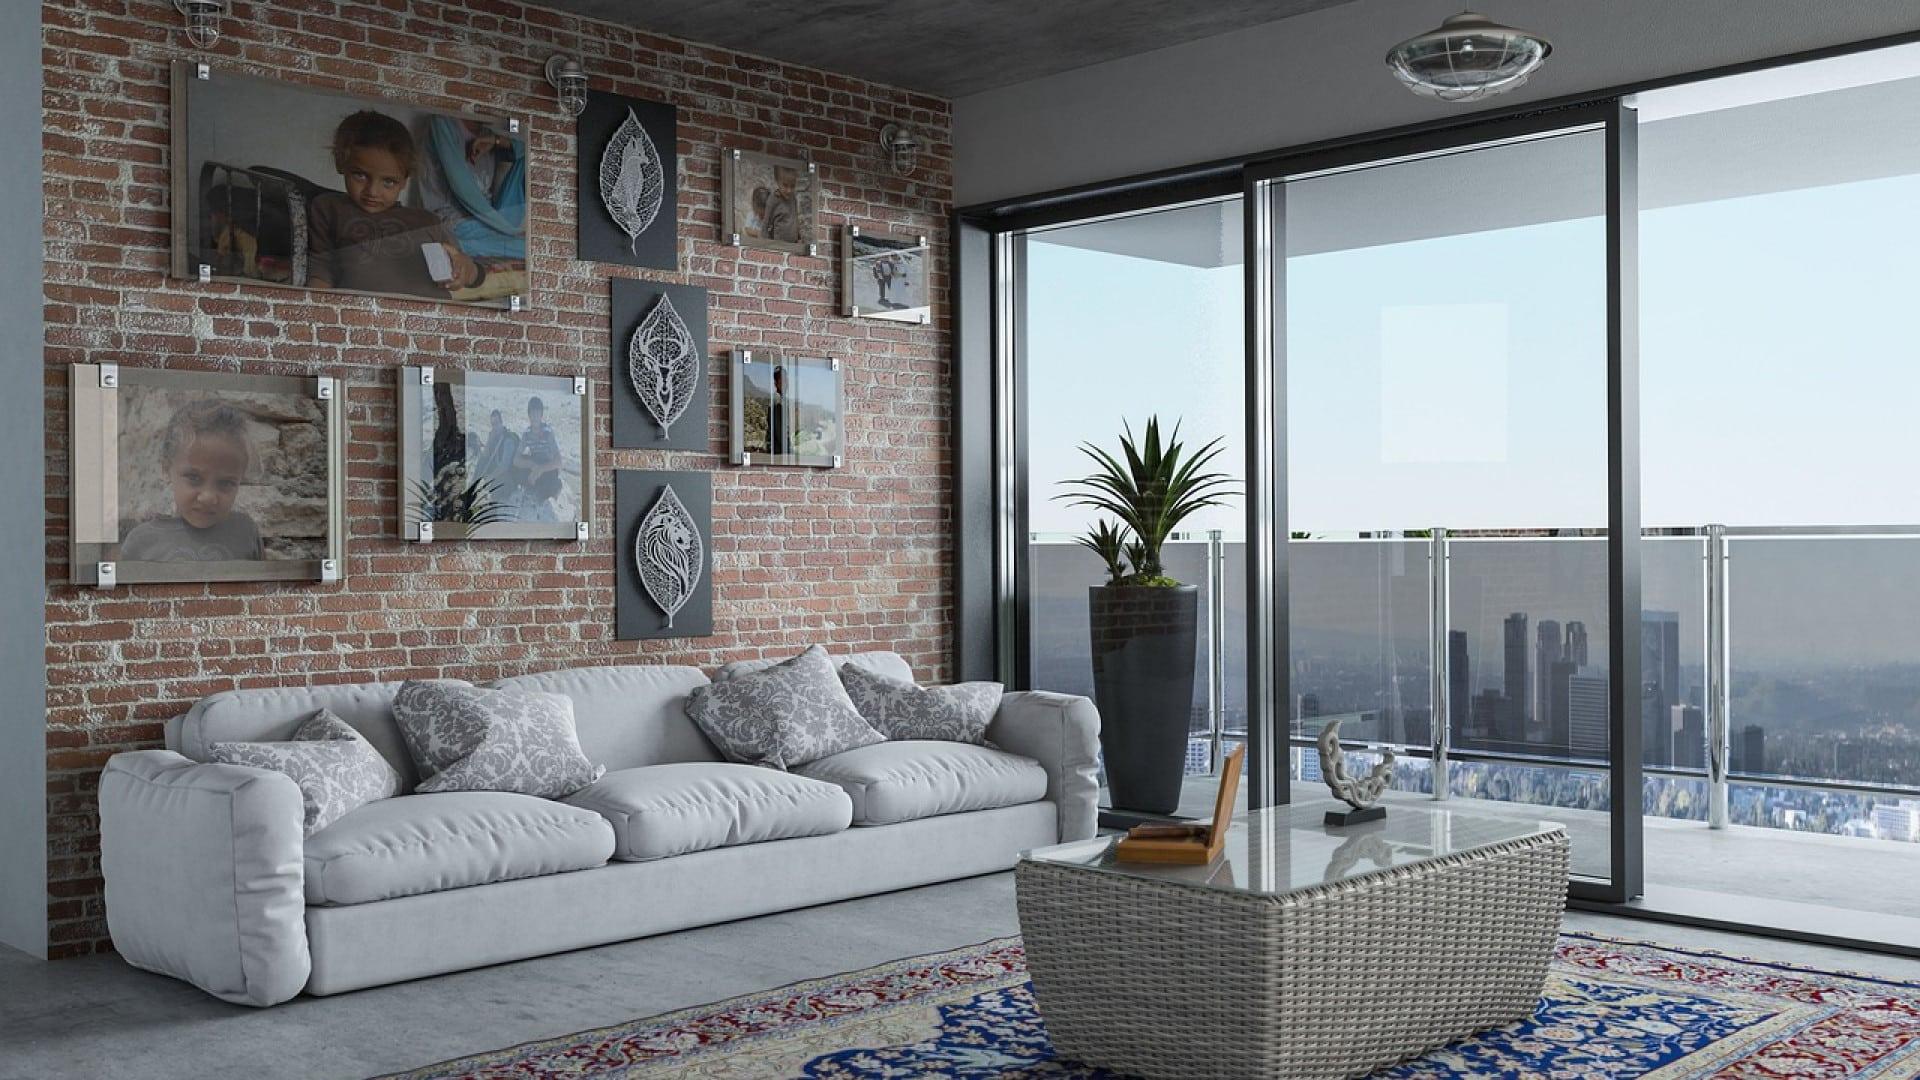 quelques conseils pour acheter son premier logement mon conseiller immo. Black Bedroom Furniture Sets. Home Design Ideas